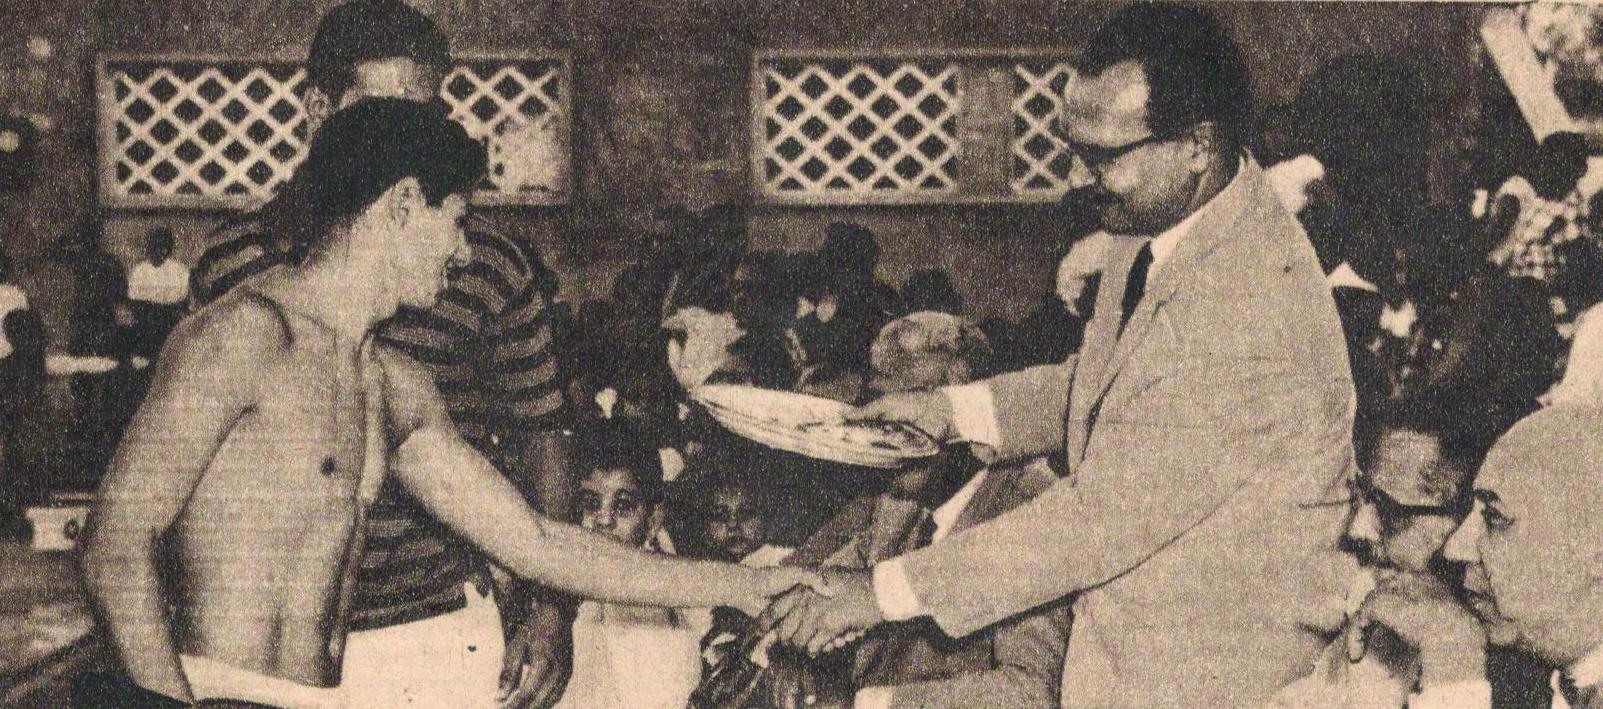 بطل السباحة محمد حسن يسلم جوائز لسباحي نادي البنك الأهلي المصري  في حفل للسباحة في 1964  (1)